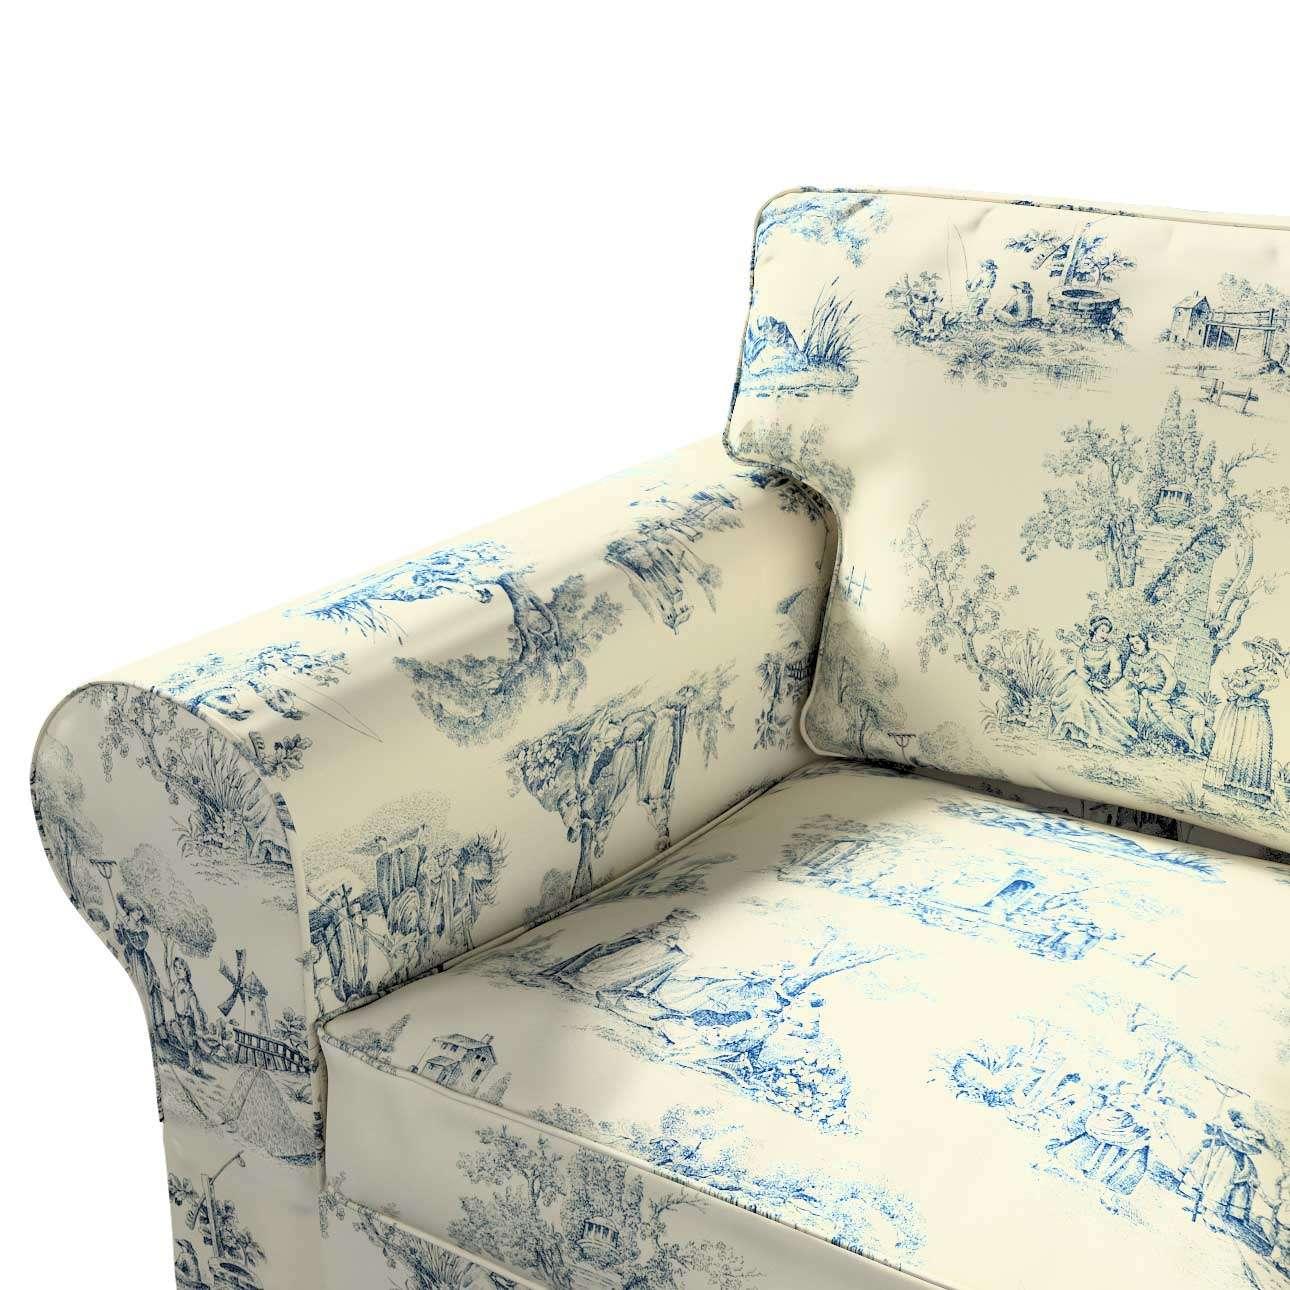 Pokrowiec na sofę Ektorp 2-osobową rozkładaną, model po 2012 w kolekcji Avinon, tkanina: 132-66